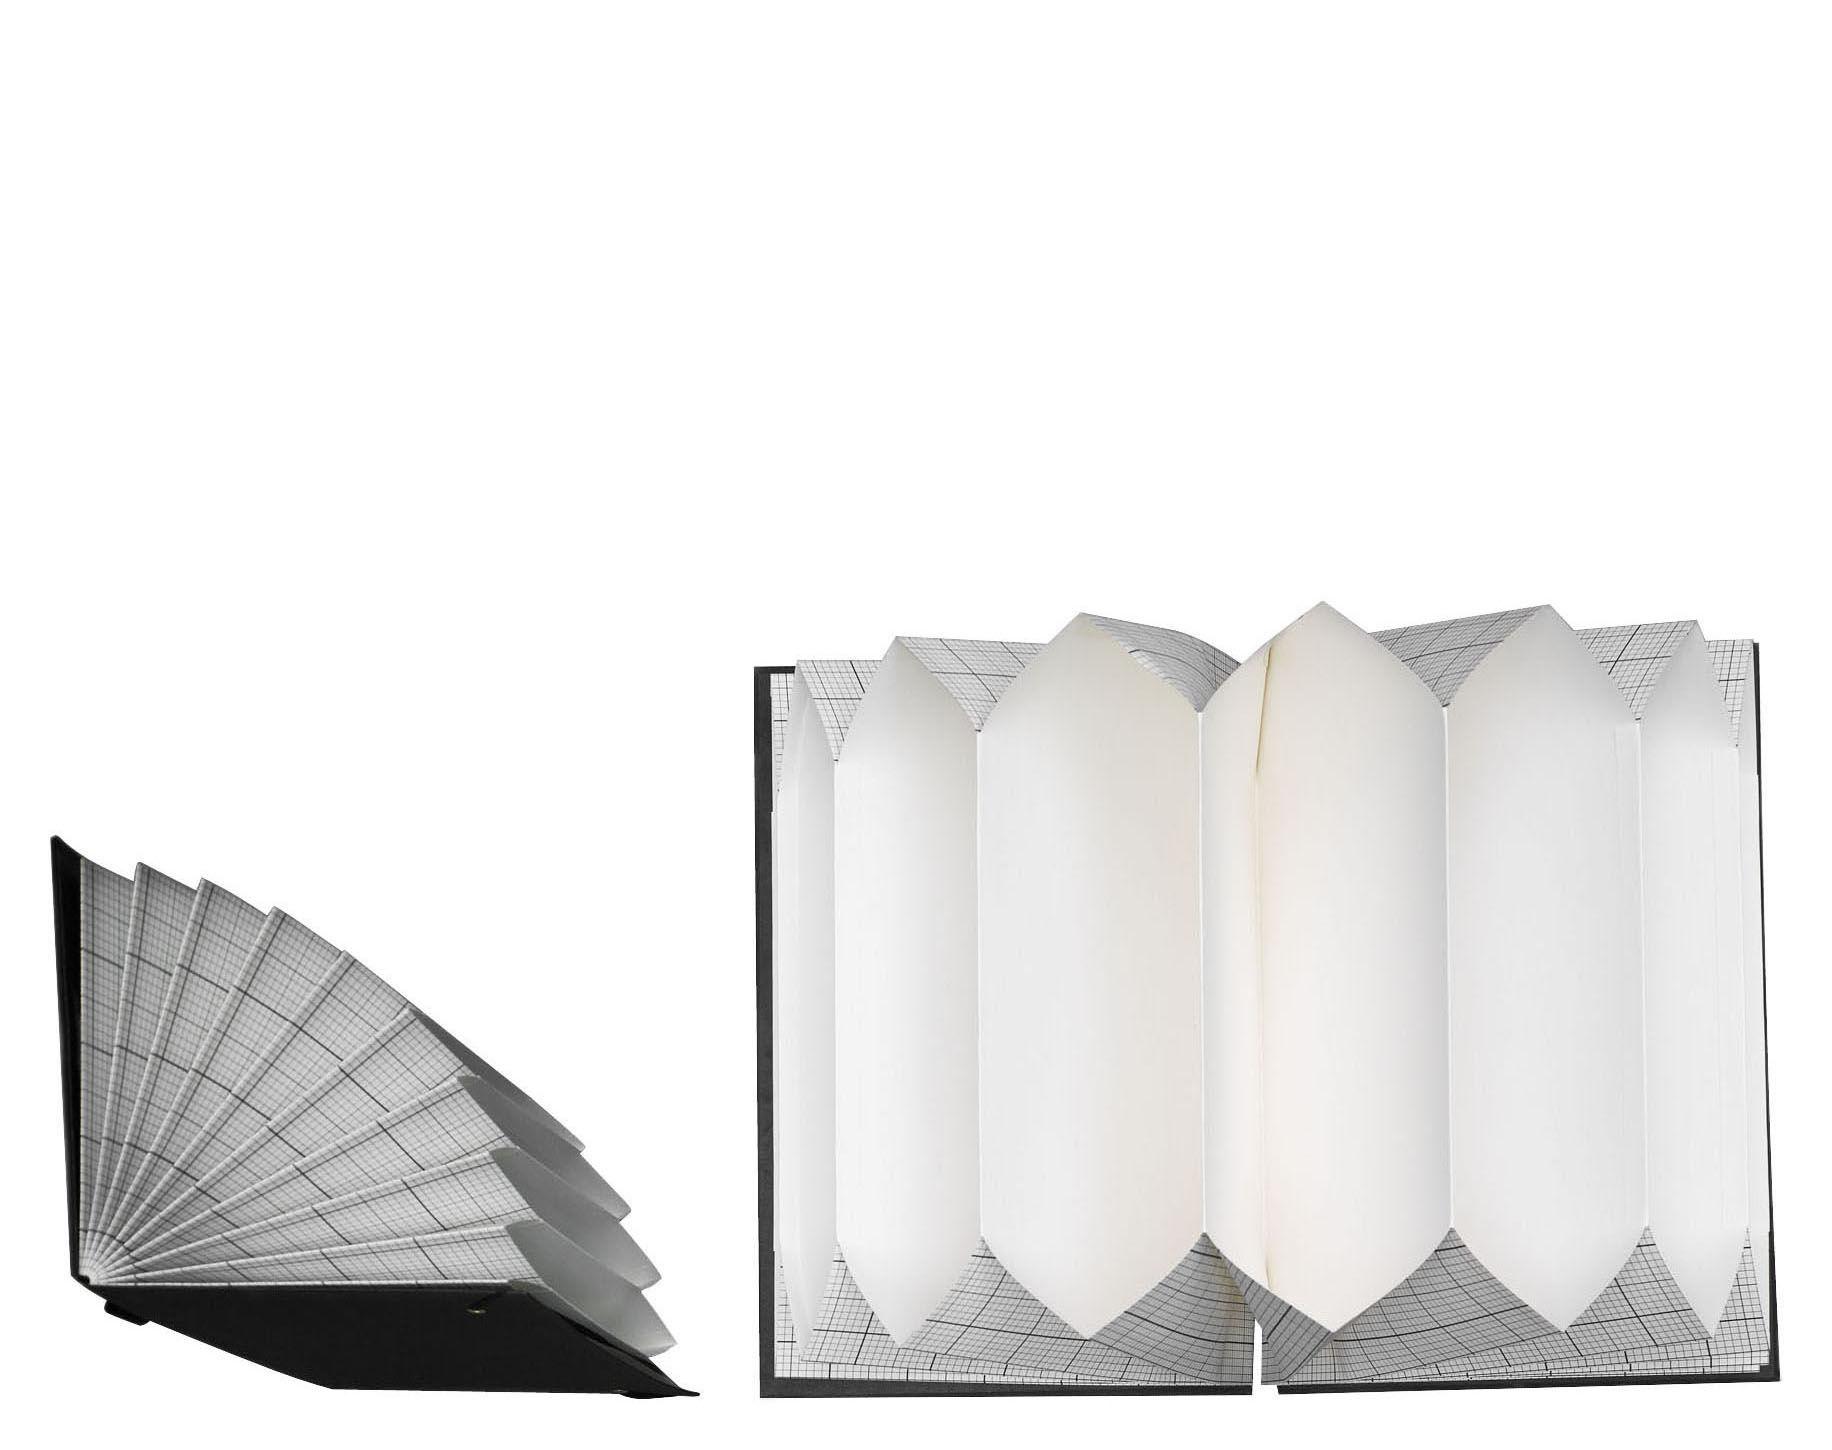 Trieur pliss a3 porte documents 58 5 x 33 cm carreaux for Porte vues couverture personnalisable